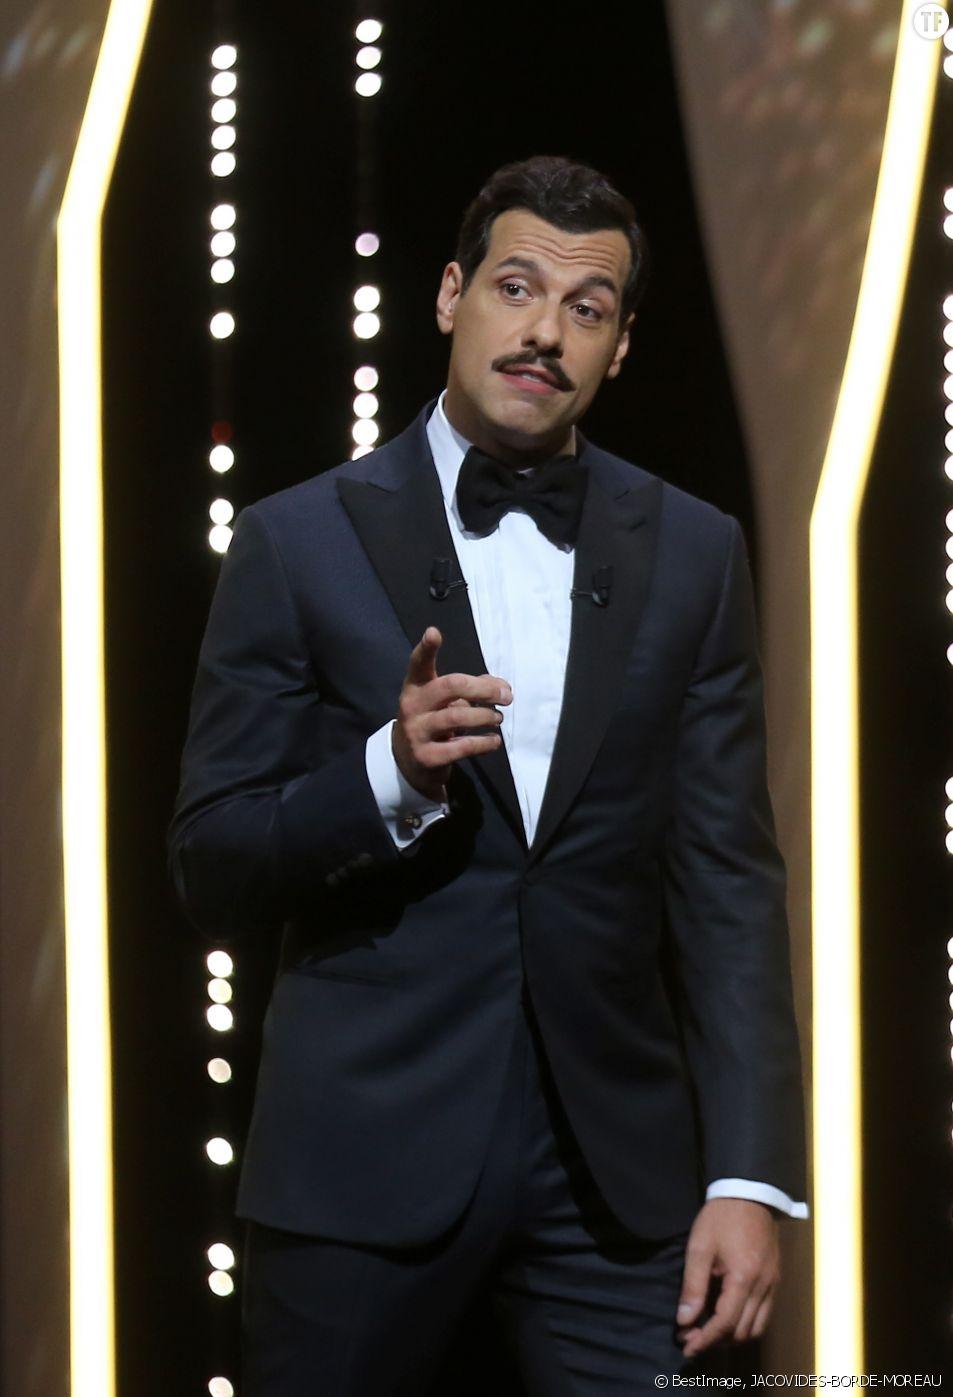 Laurent Lafitte présente la cérémonie d'ouverture du 69ème Festival de Cannes